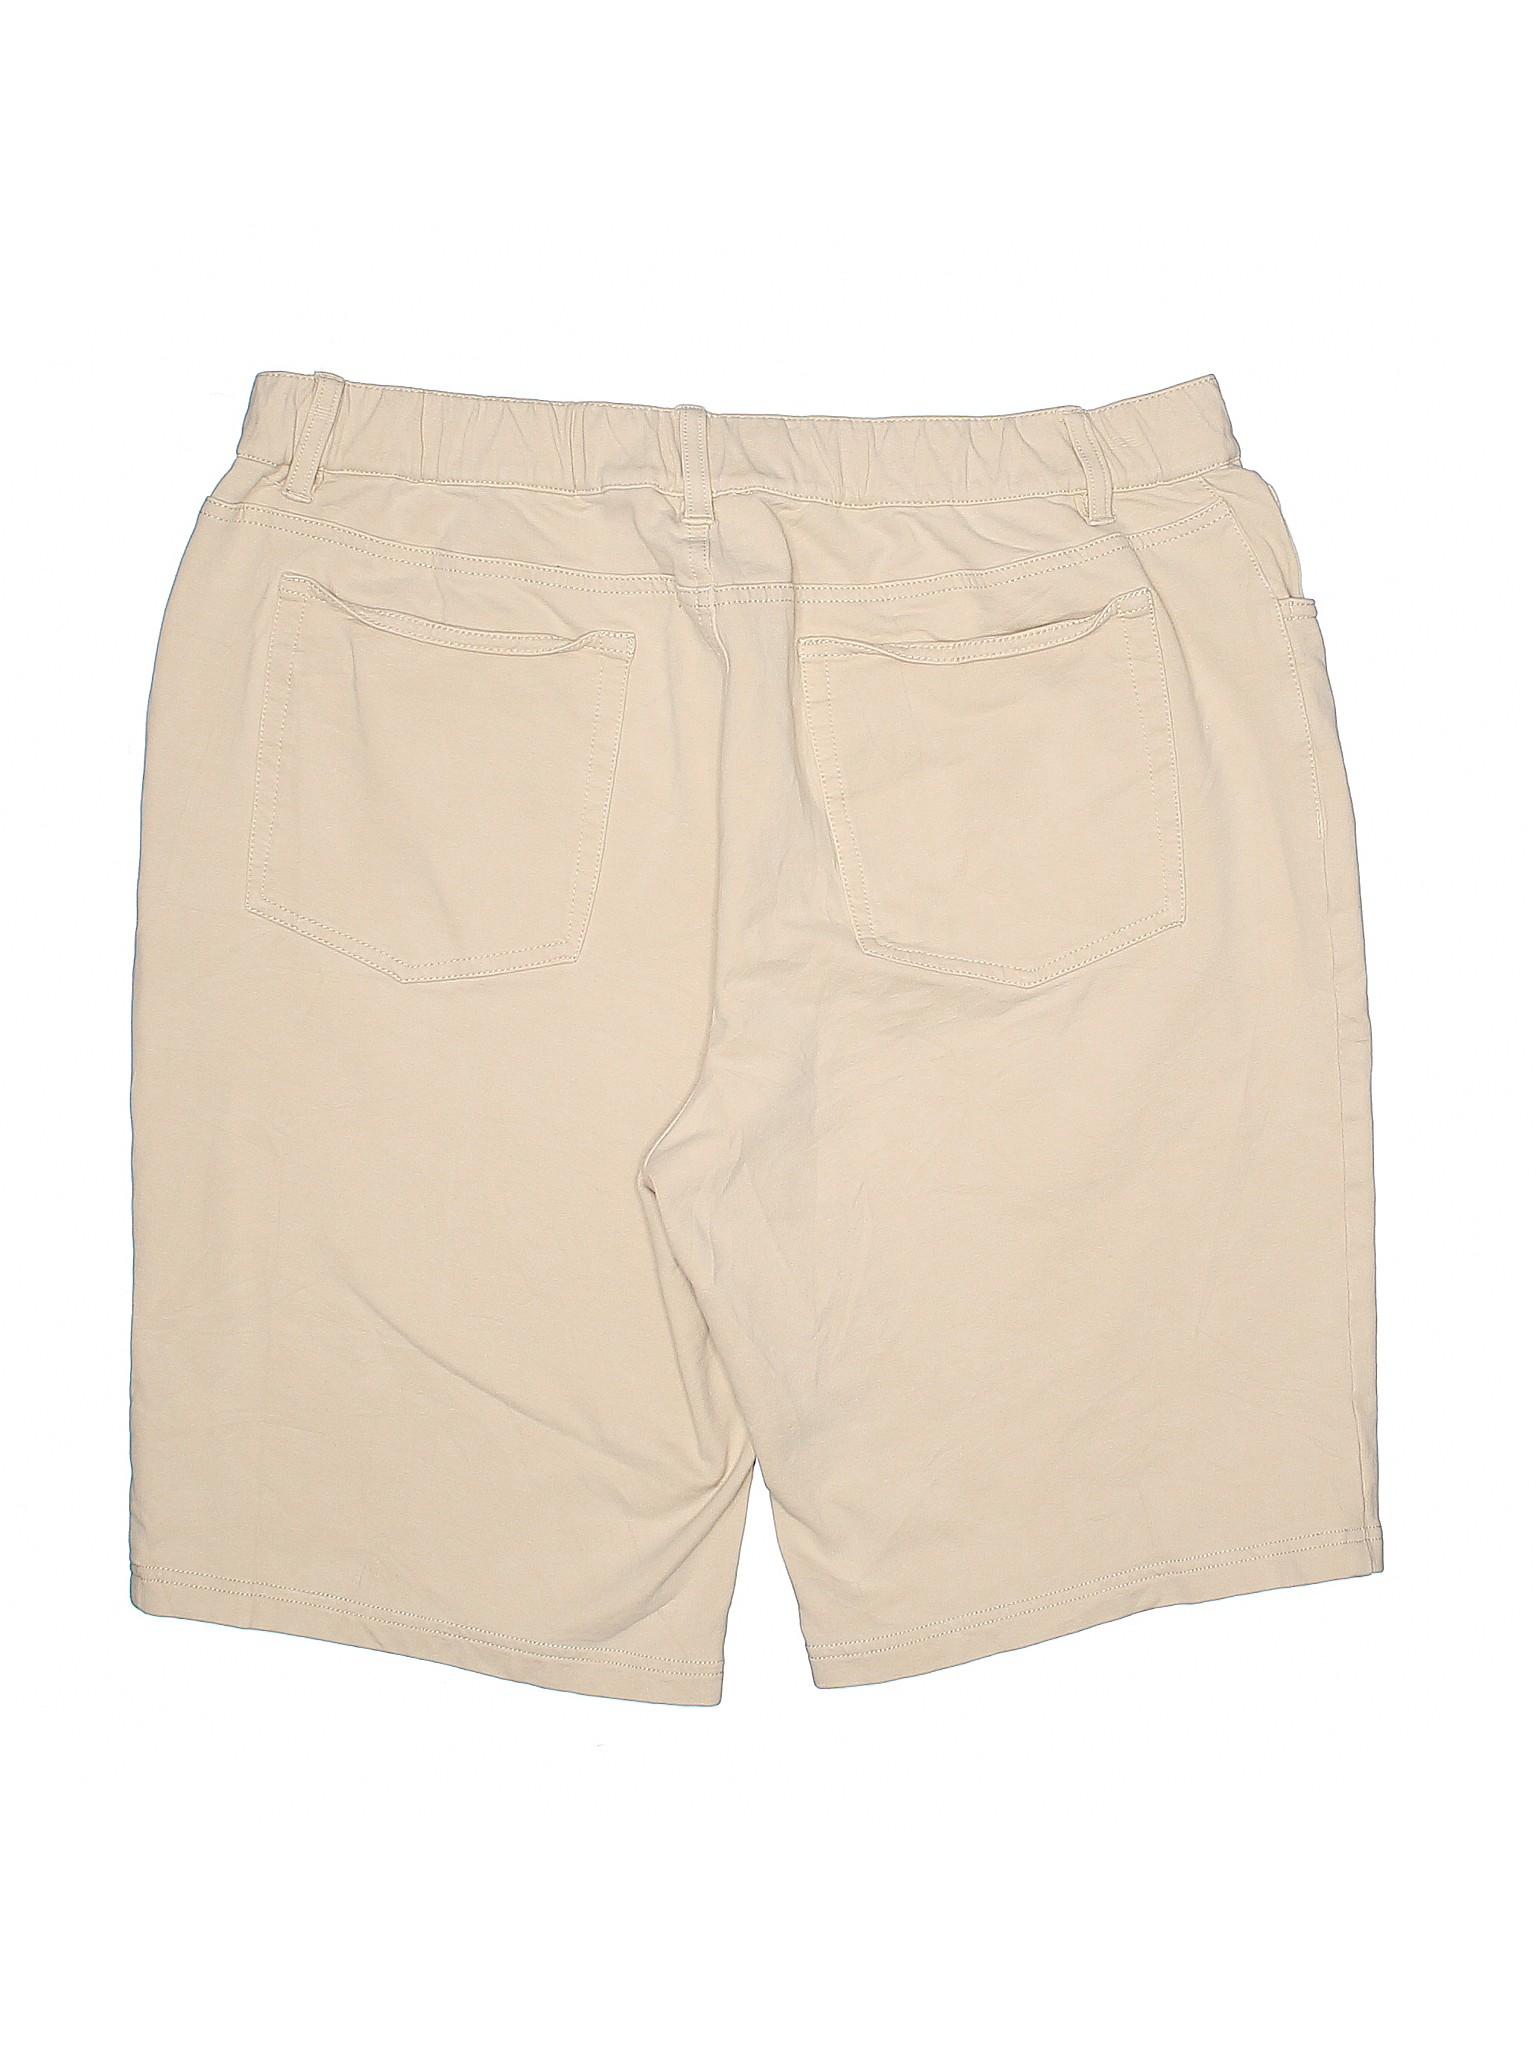 D D Shorts amp;Co leisure amp;Co leisure Shorts Boutique Boutique E6wqPwR